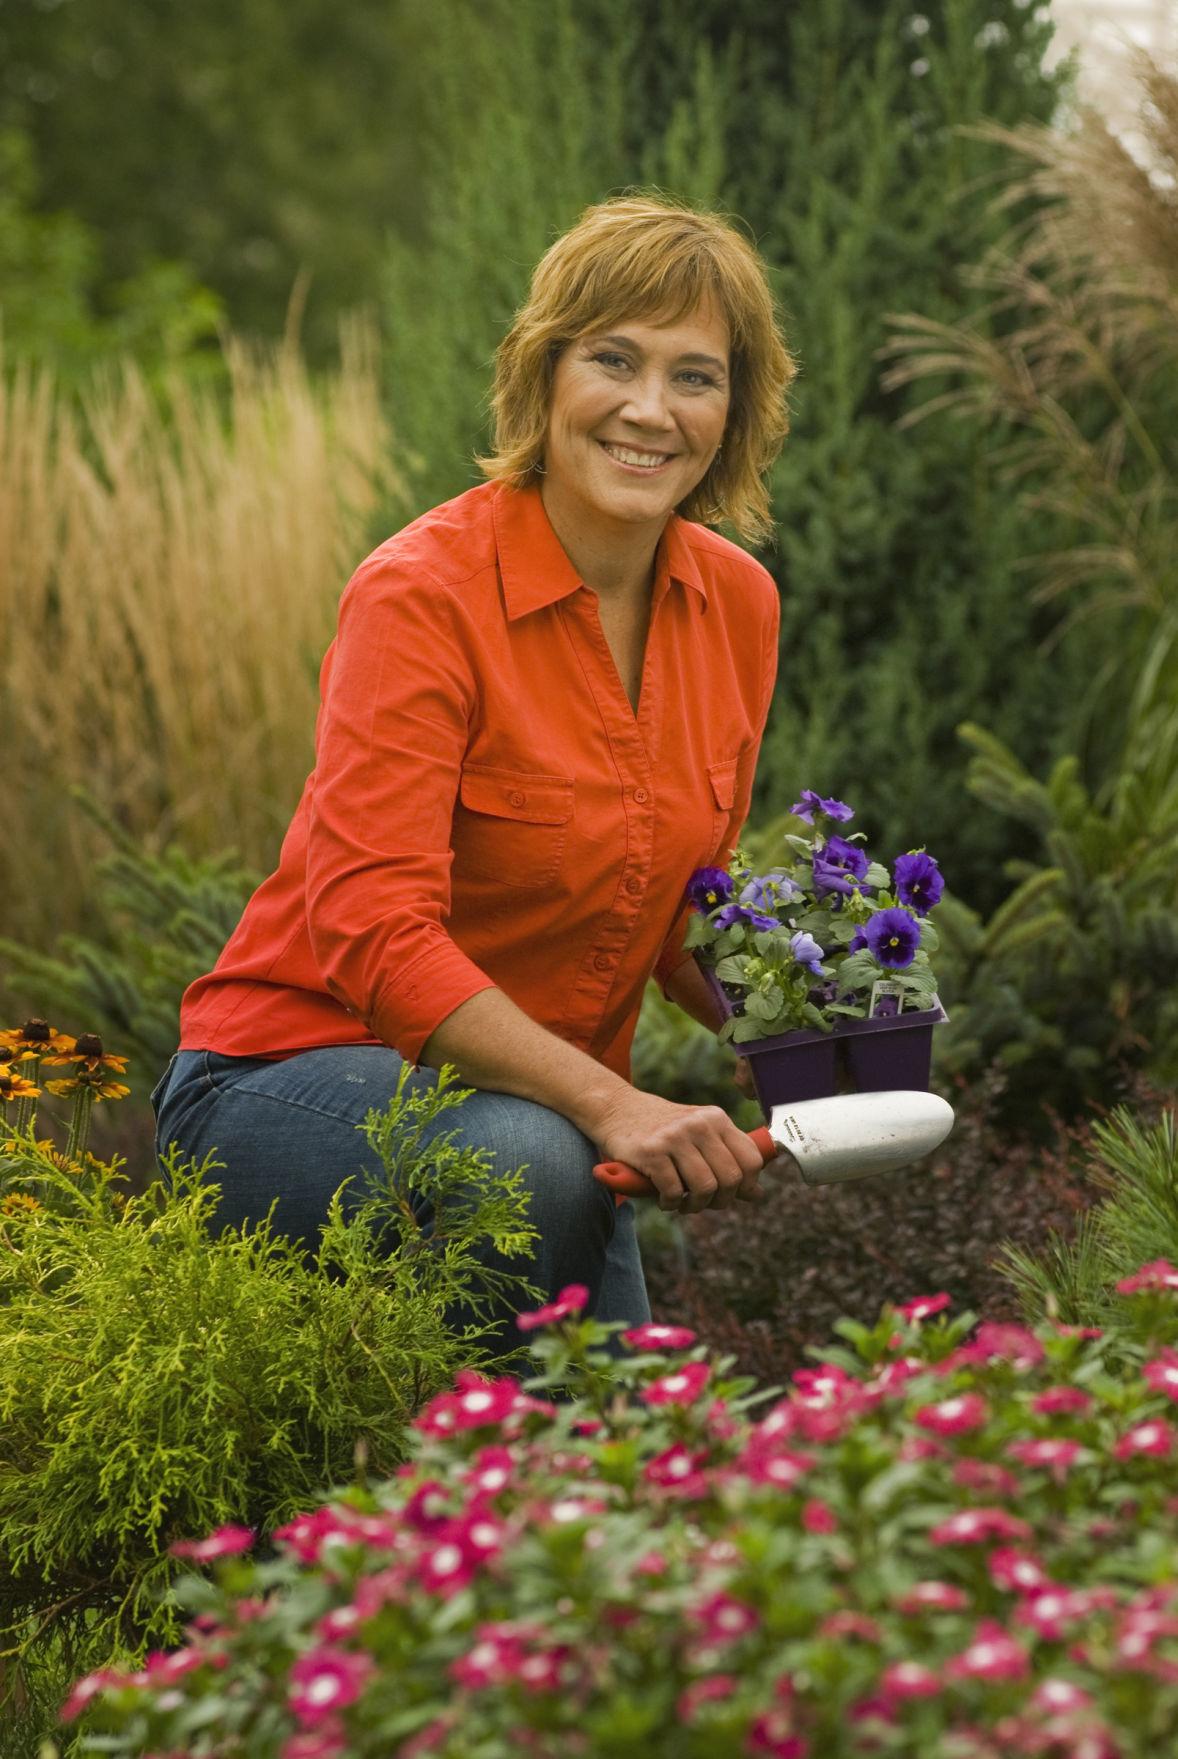 Melinda Myers, nationally known garden expert